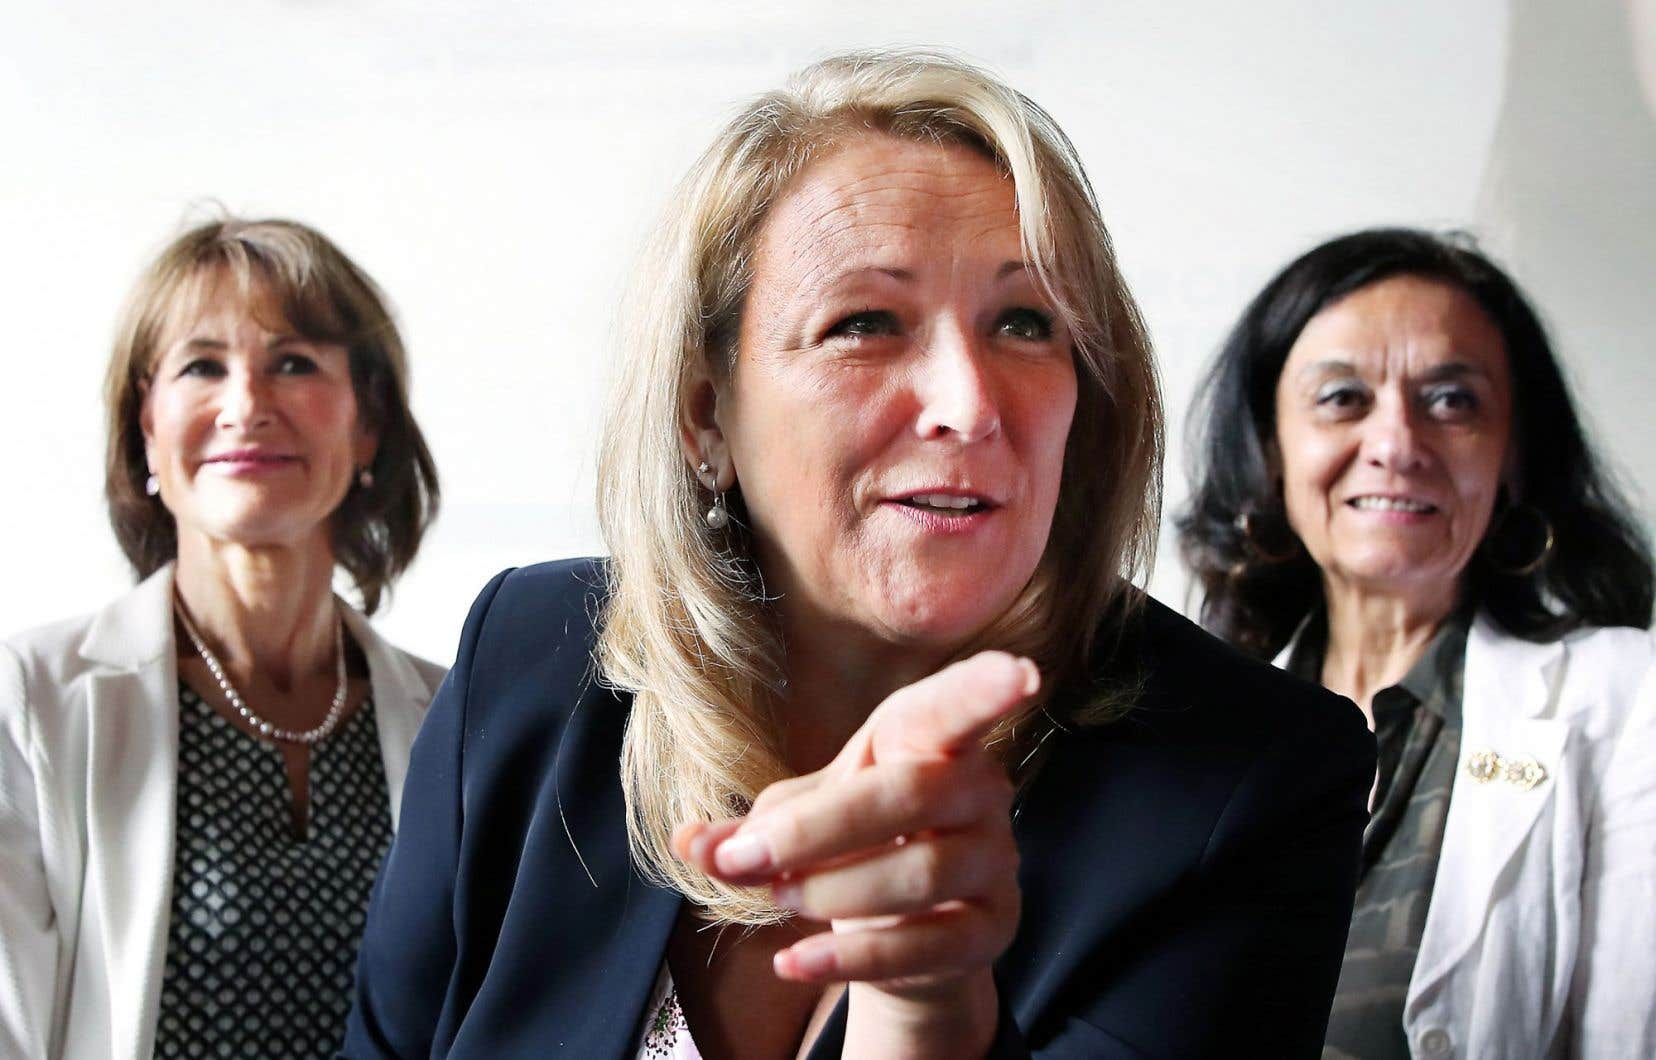 La ministre de la Condition féminine, Lise Thériault, accompagnée de ses collègues Kathleen Weil et Rita de Santis, a présenté jeudi la stratégie gouvernementale visant à relancer la lutte contre les inégalités entre les hommes et les femmes.